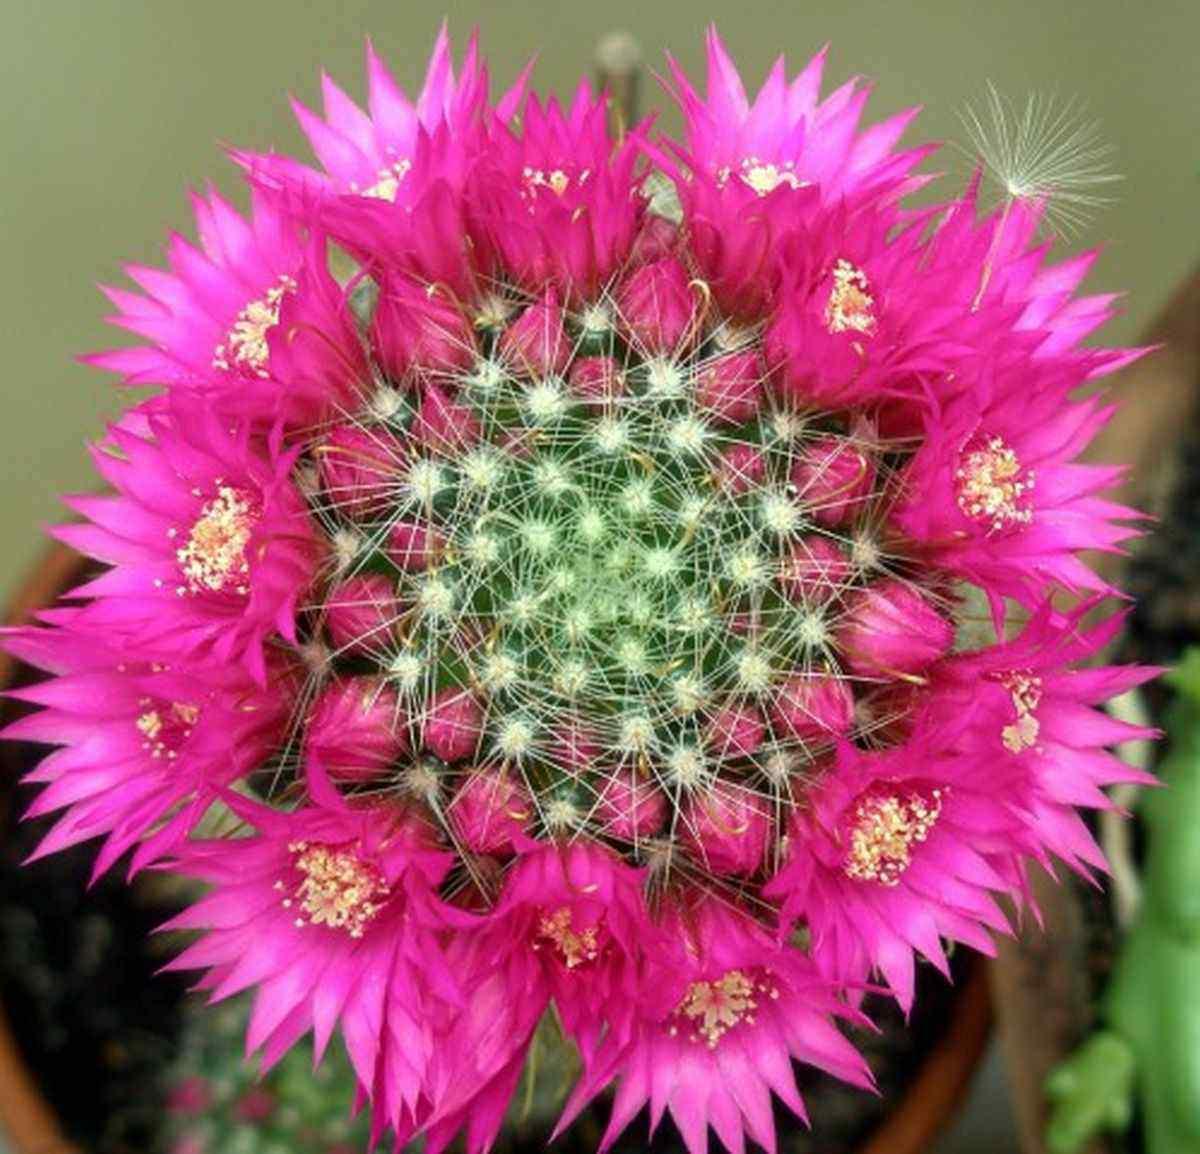 hình ảnh hoa xương rồng đẹp 4